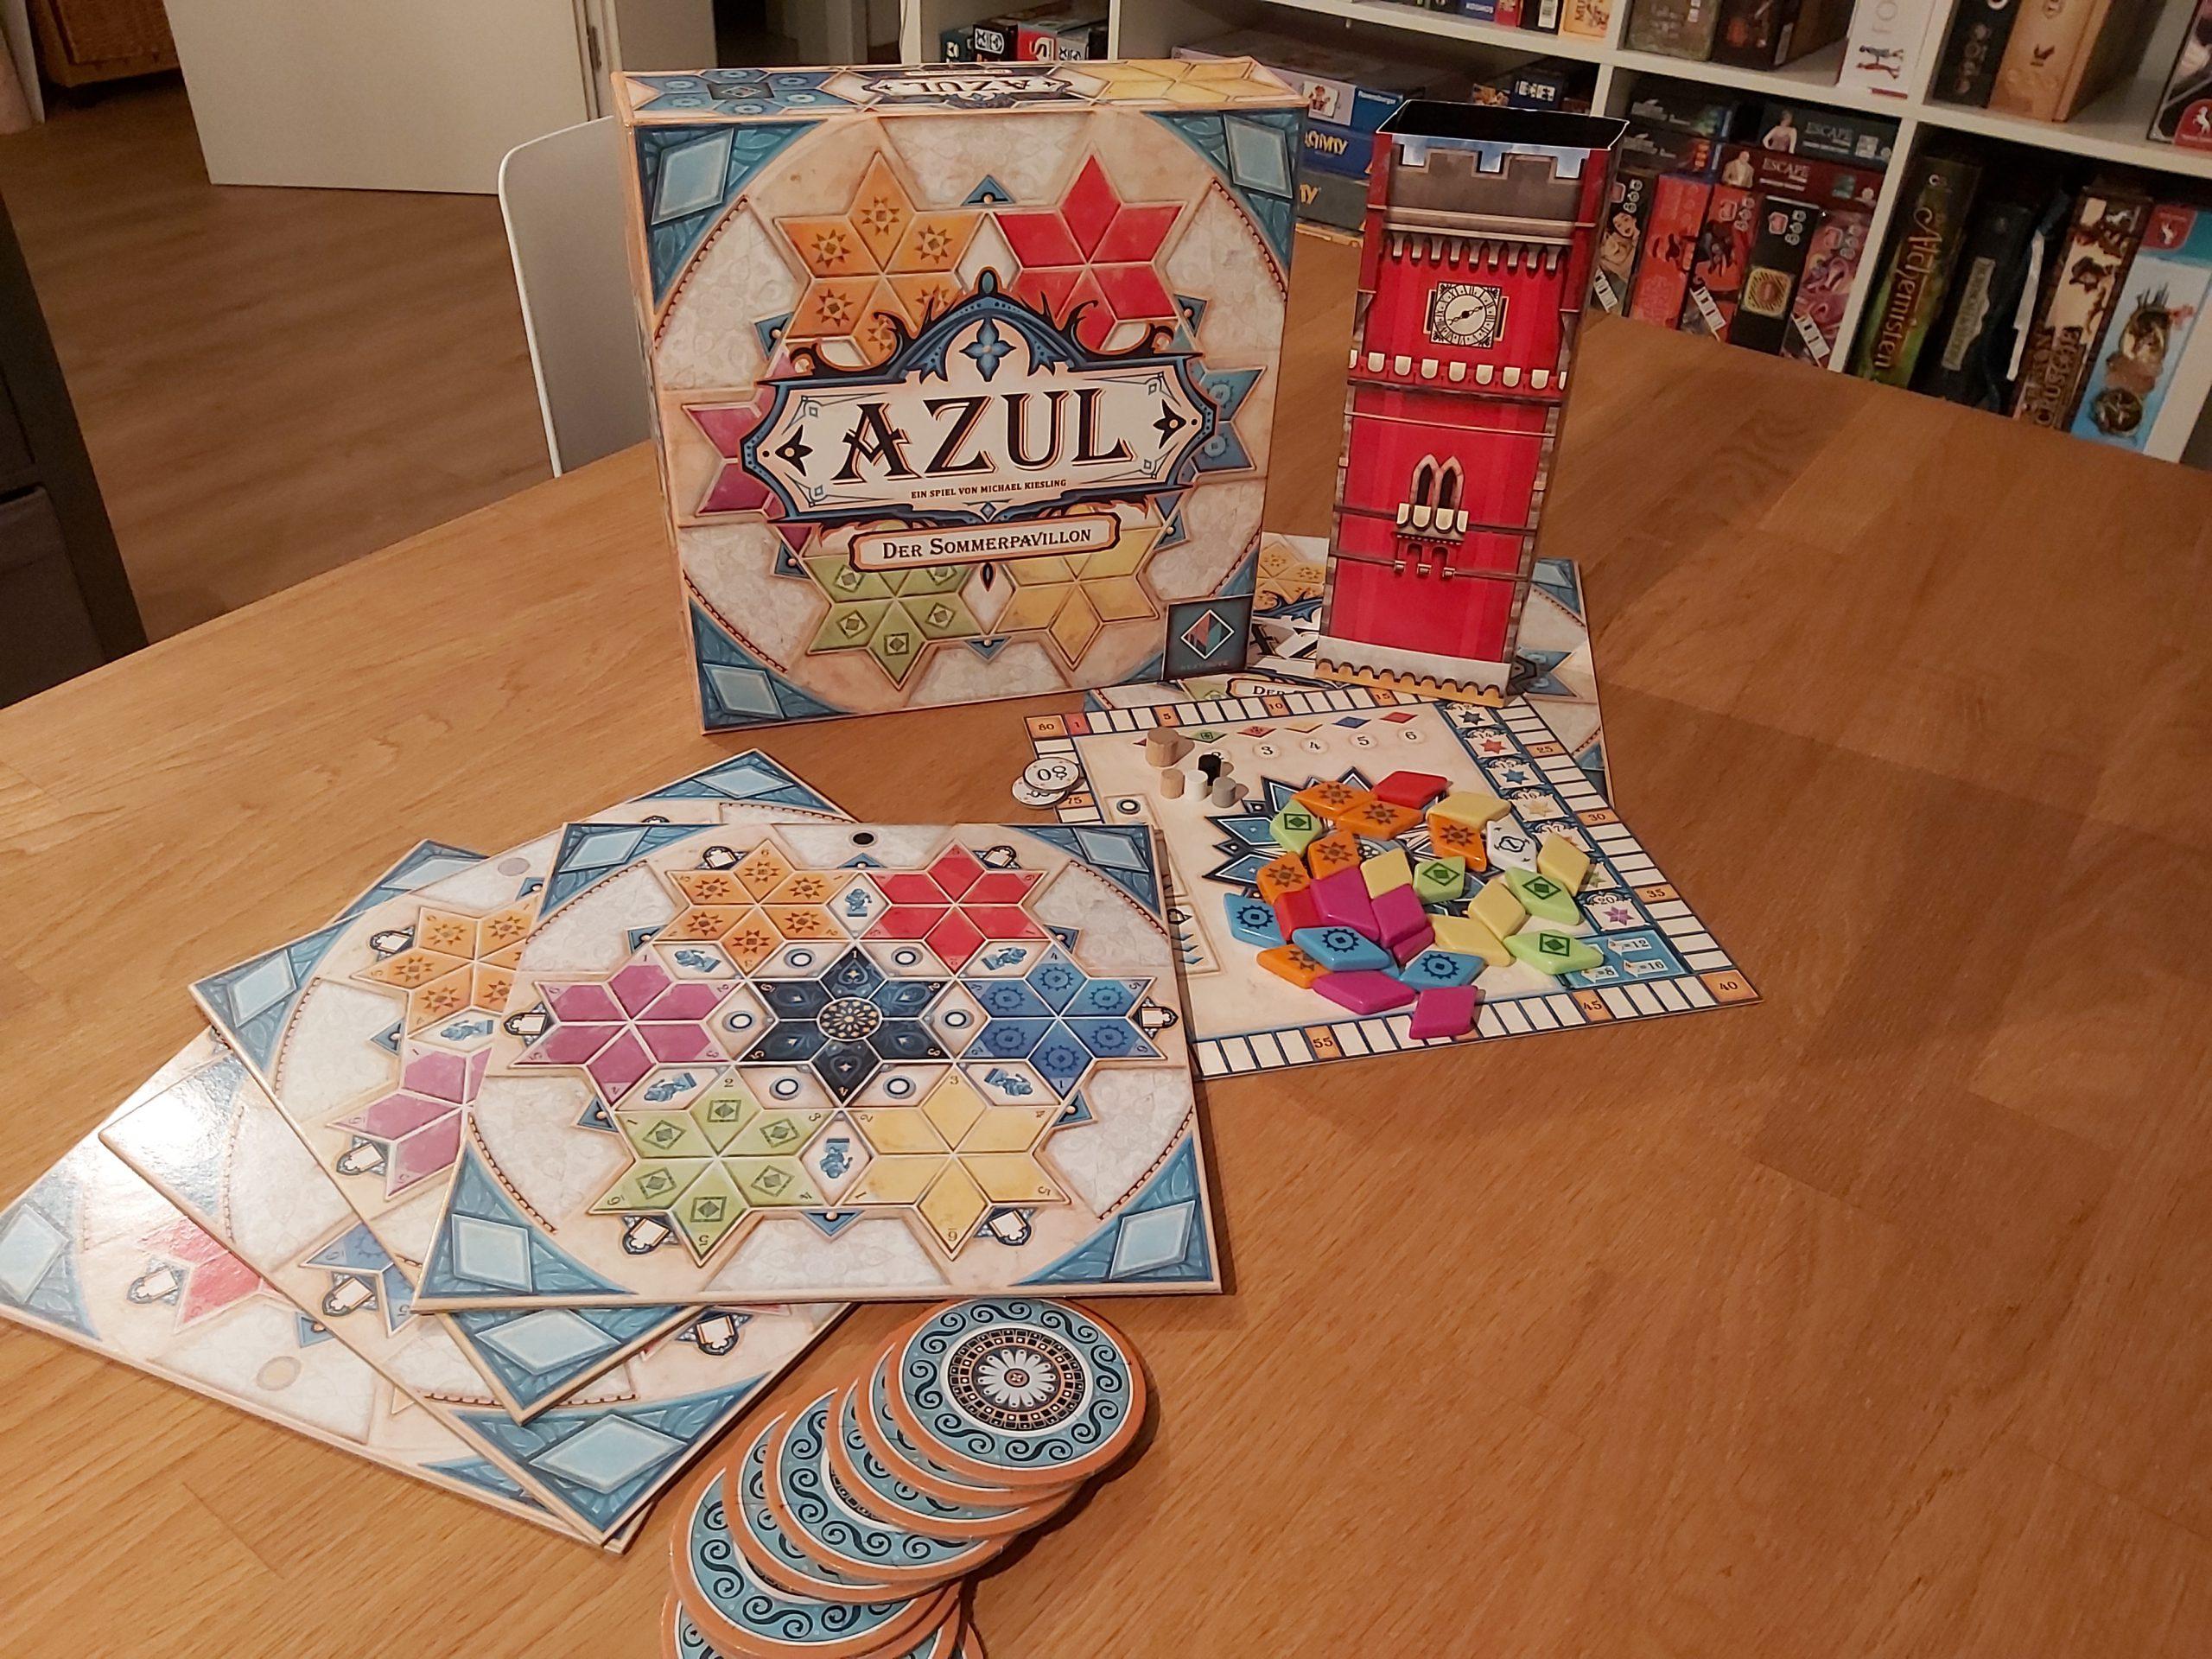 Zu sehen ist Azul der Sommerpavillon inkl. des gesamten Spielmaterials.